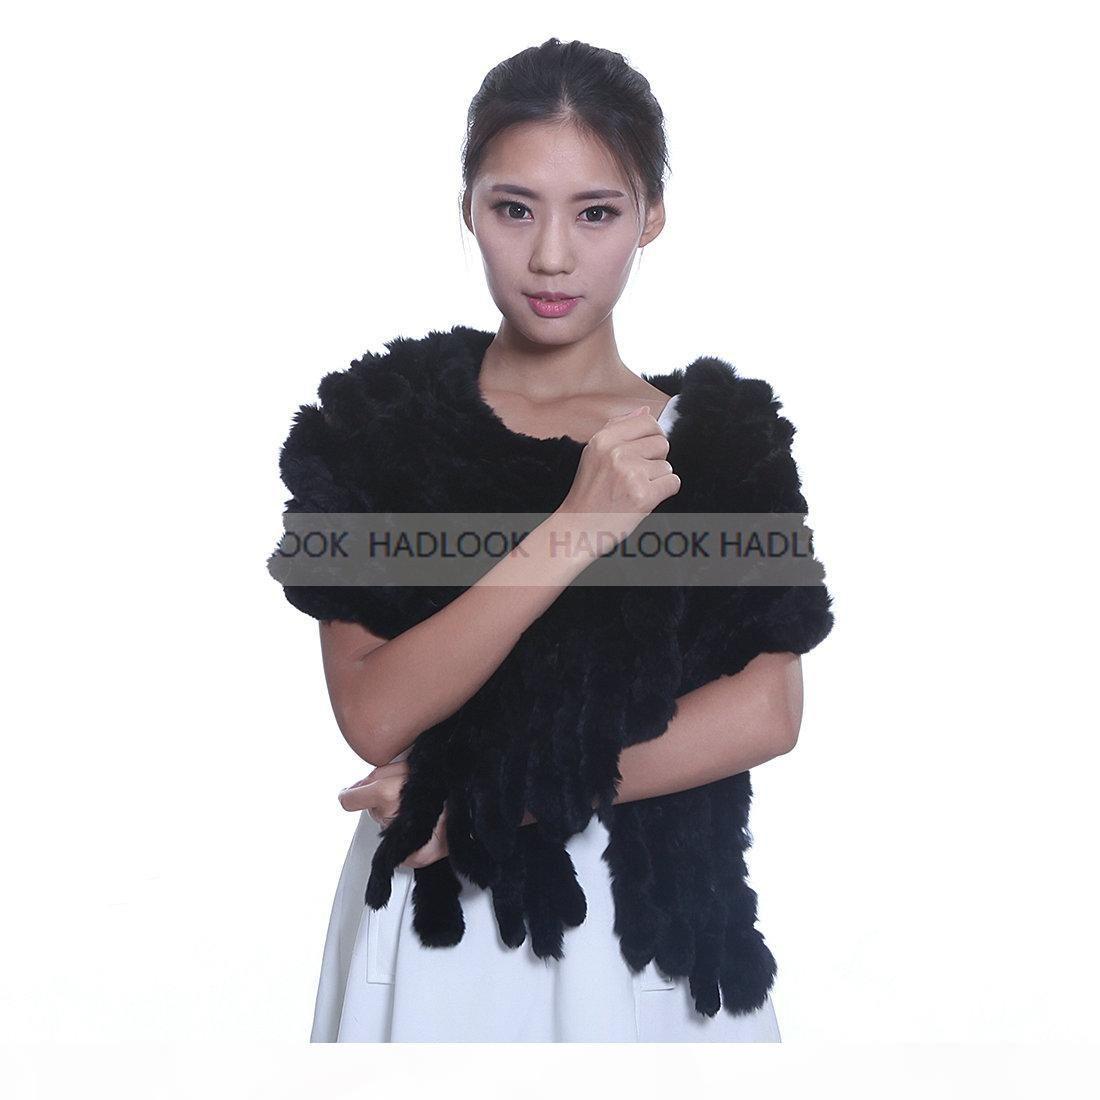 Женщины Real Knit шерсть кролик Rex шаль шарф шерсть оптом кисточки Прекрасного шарфа Весна WinterWarm Натуральная чистый мех шаль ColorfuFree доставка